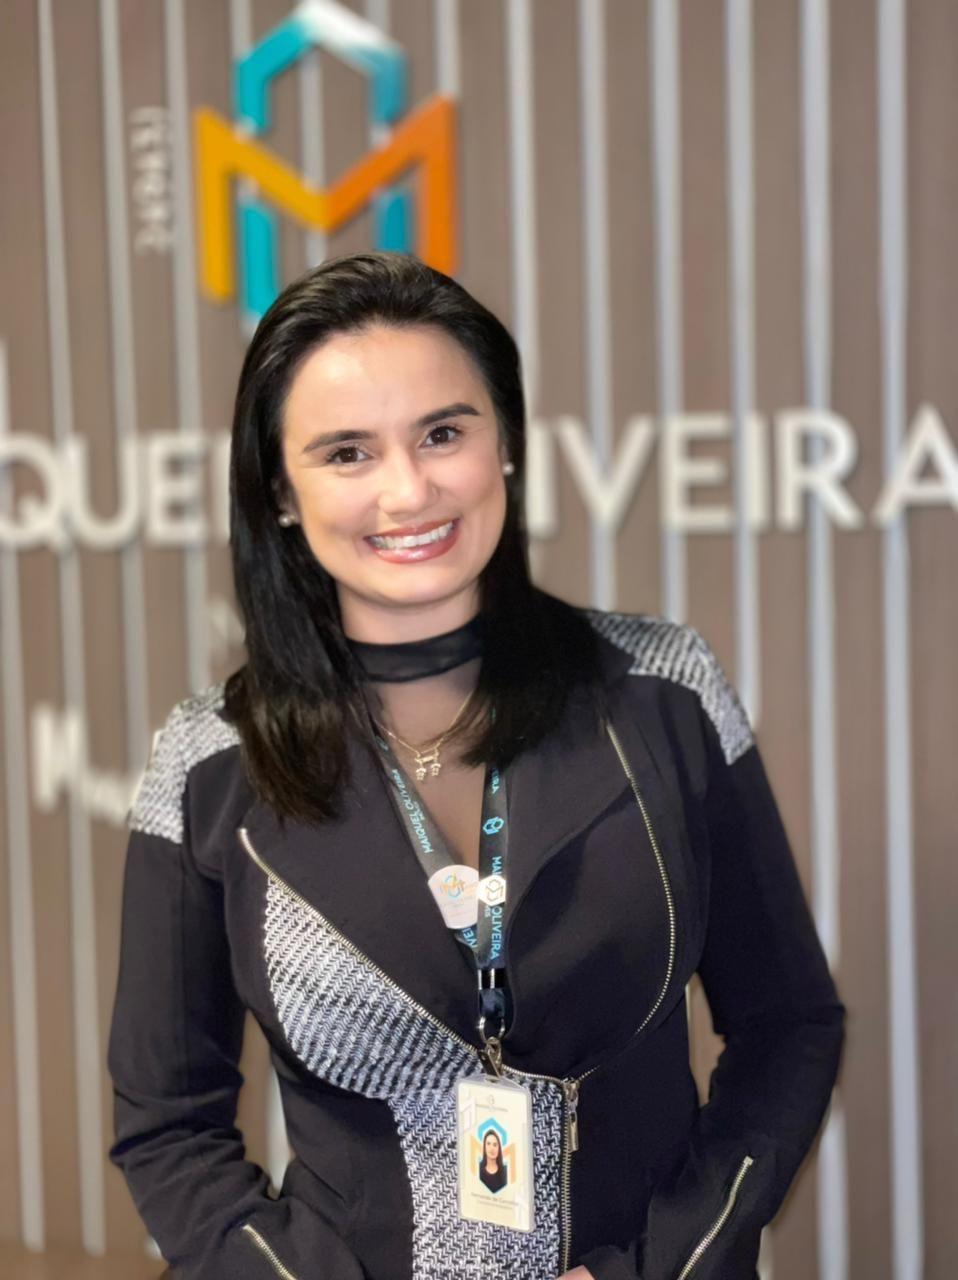 Fernanda de Carvalho